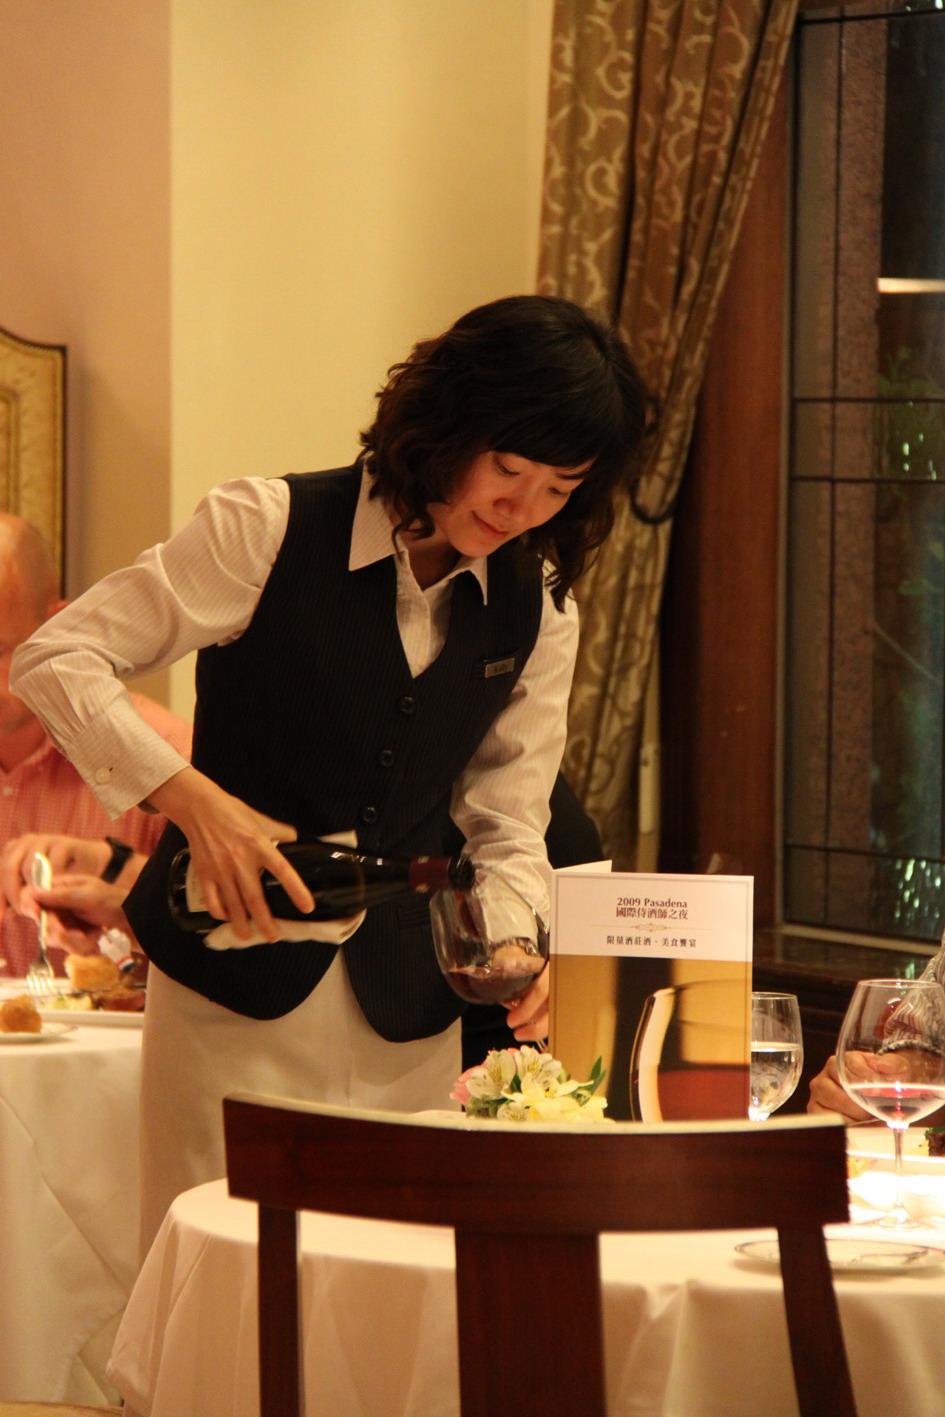 2009國際侍酒師之夜-16.jpg